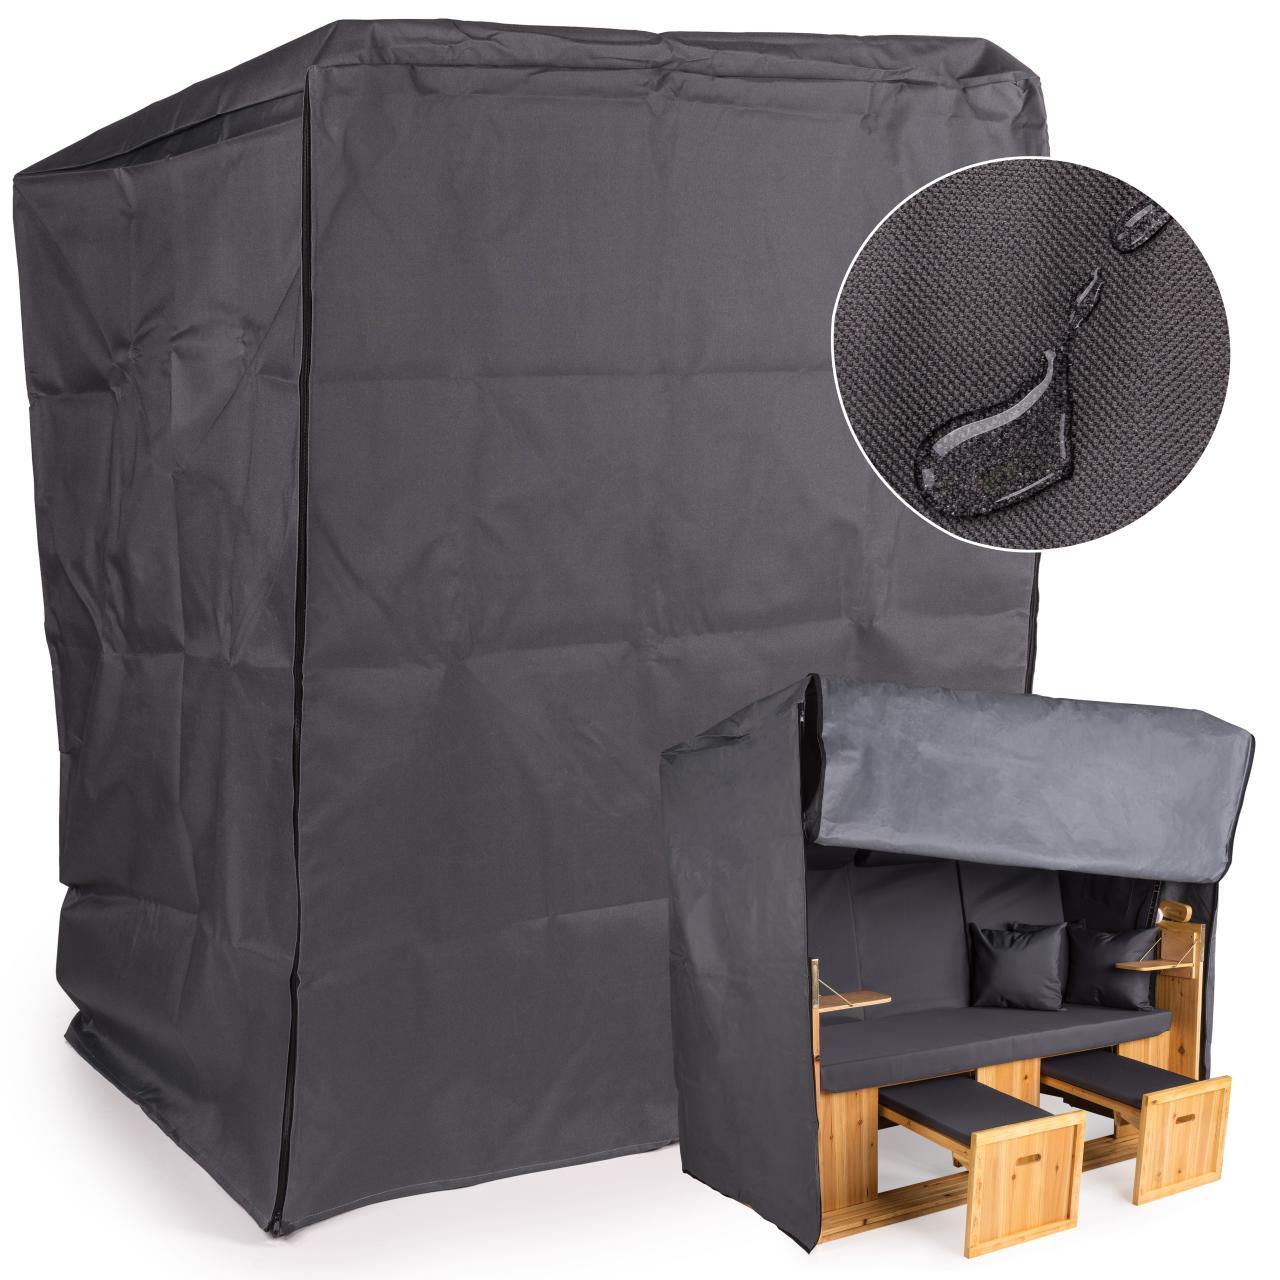 schutzh lle f r strandkorb regenabdeckung abdeckplane regenschutz abdeckhaube ebay. Black Bedroom Furniture Sets. Home Design Ideas